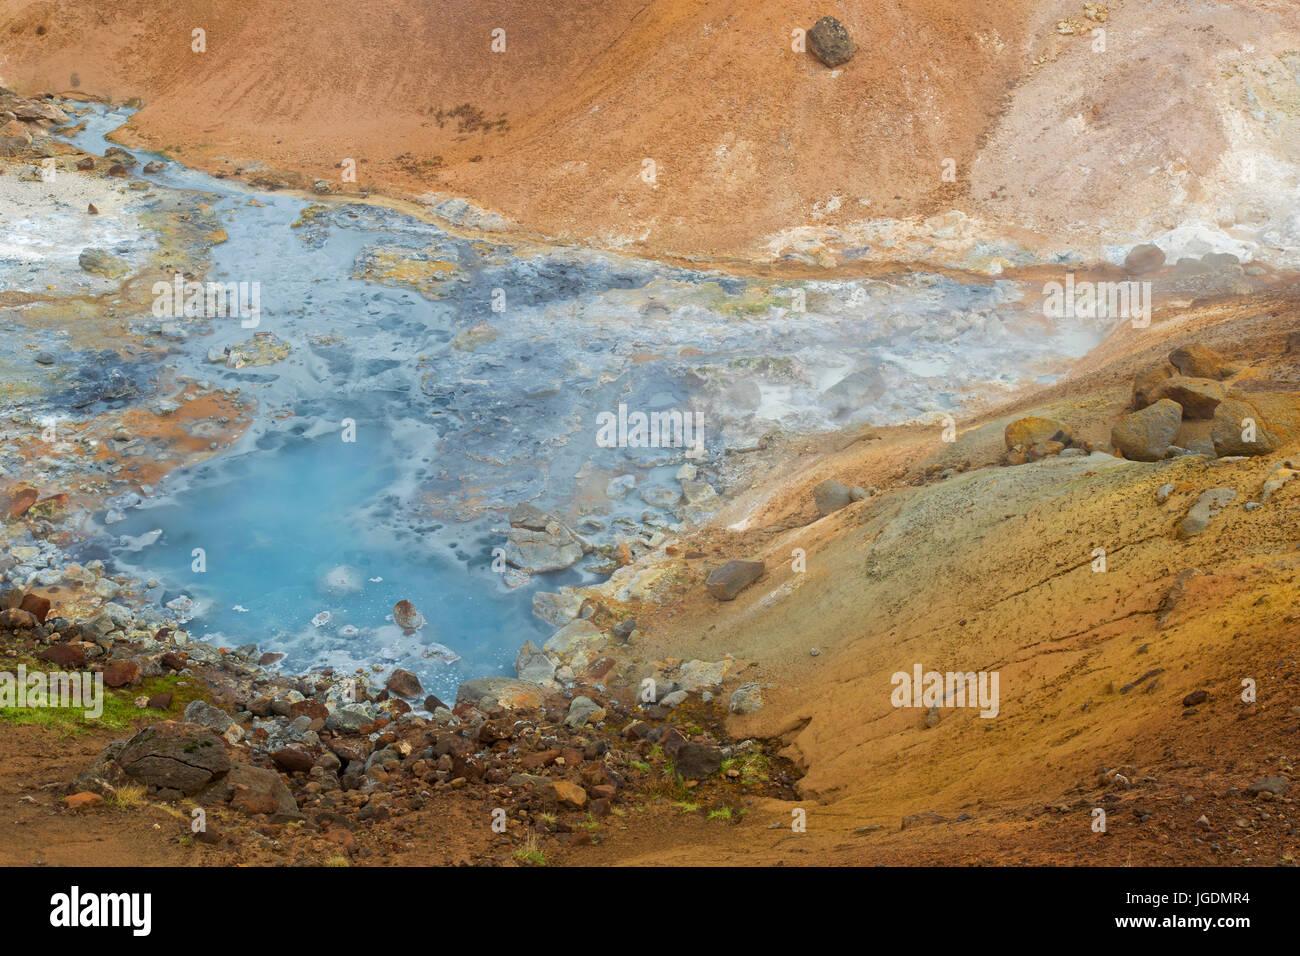 Heiße Quelle bei Seltun, geothermischen Feld mit vulkanischen Fumarolen, Schlammlöcher und heiße Stockbild